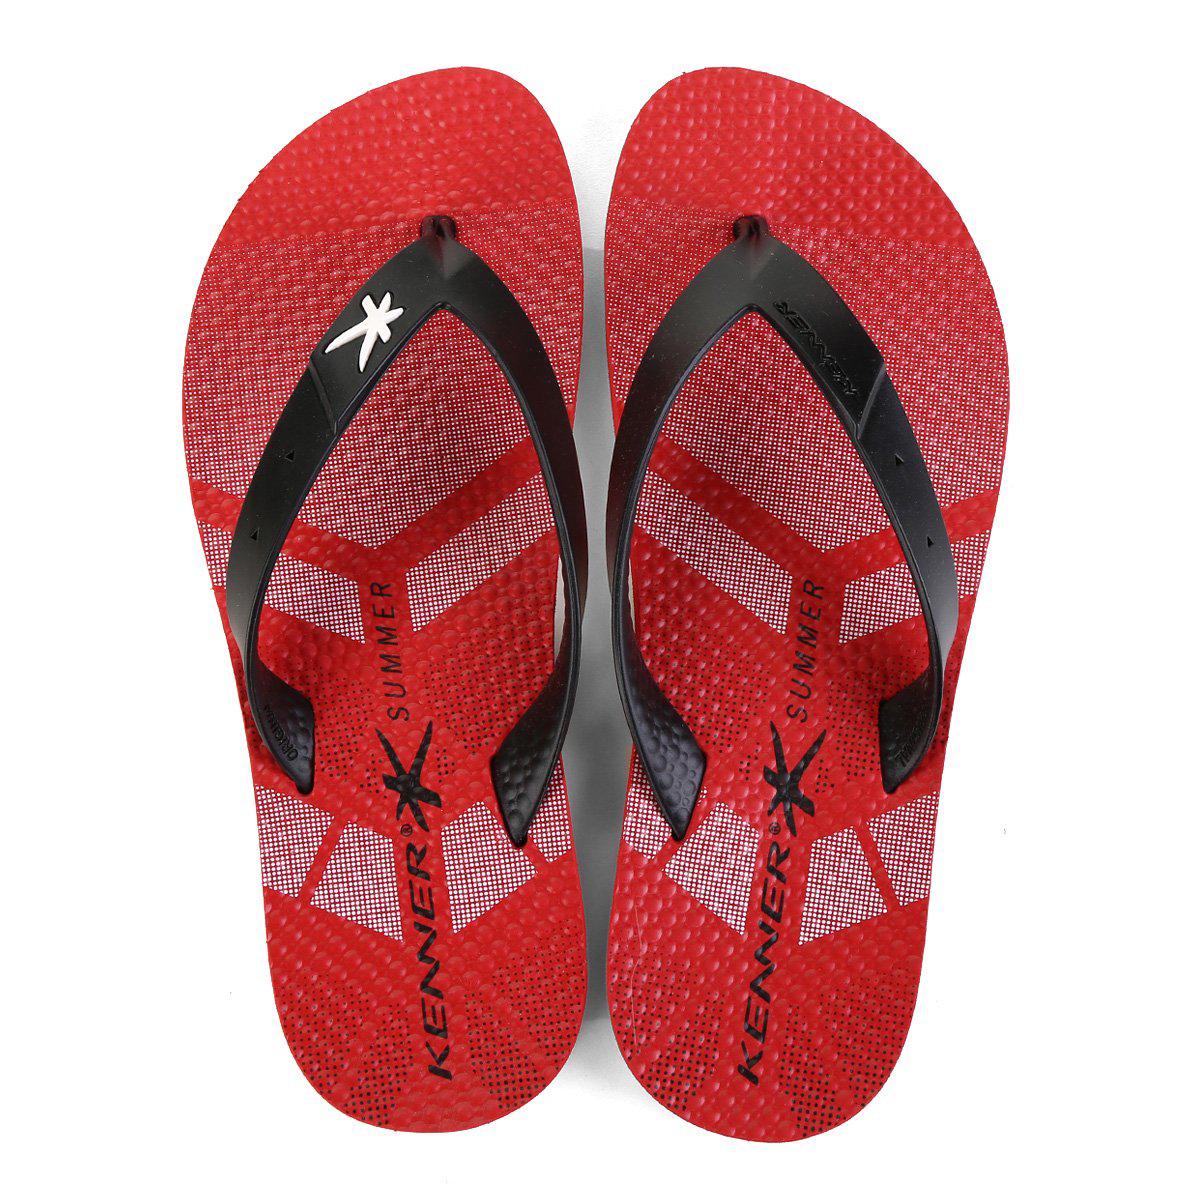 Chinelo Kenner Summer Sport TIS Masculino - Vermelho